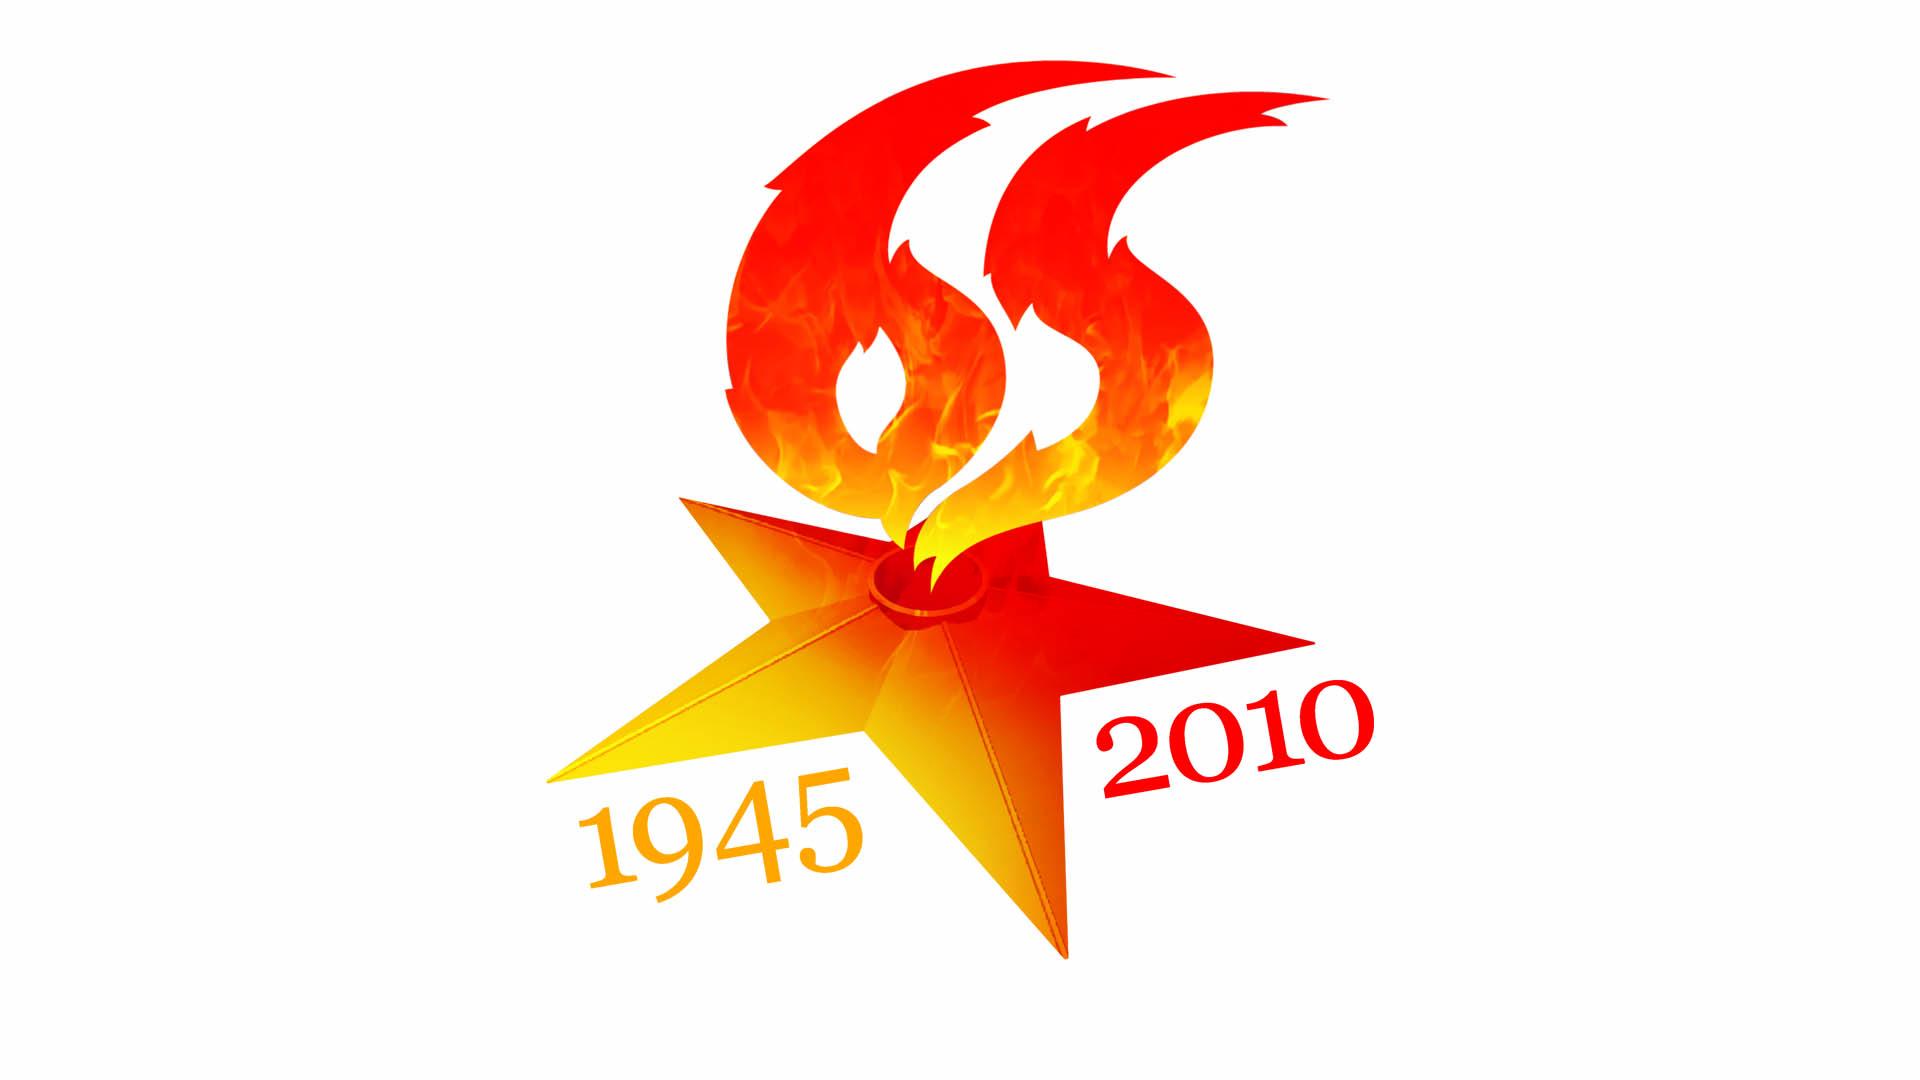 65-летие Победы в Великой Отечественной войне 1941-1945 гг. Москва, 2010